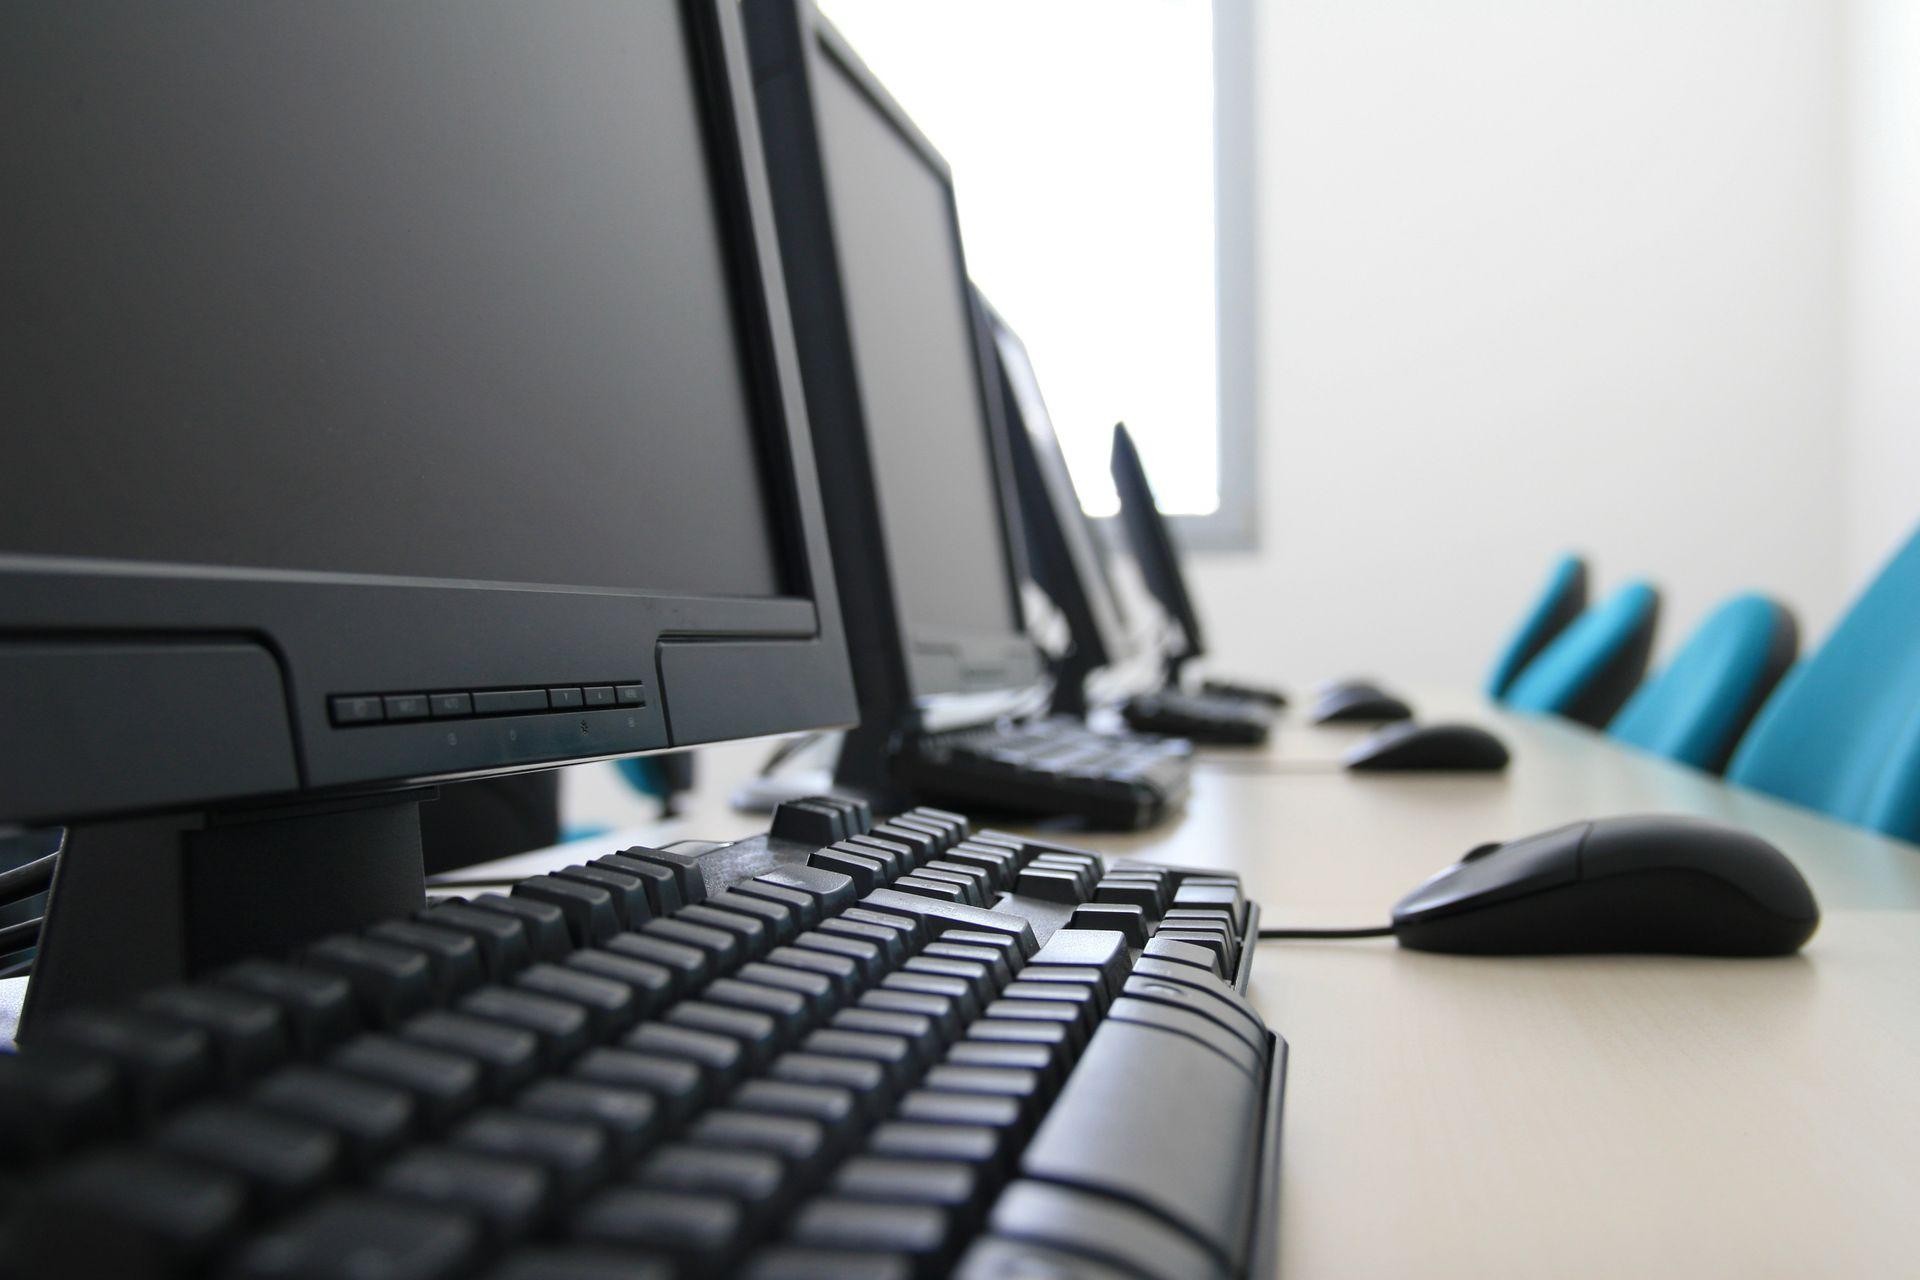 [Wrocław] Magistrat wyda prawie 2 mln złotych na szerokopasmowy internet w szkołach